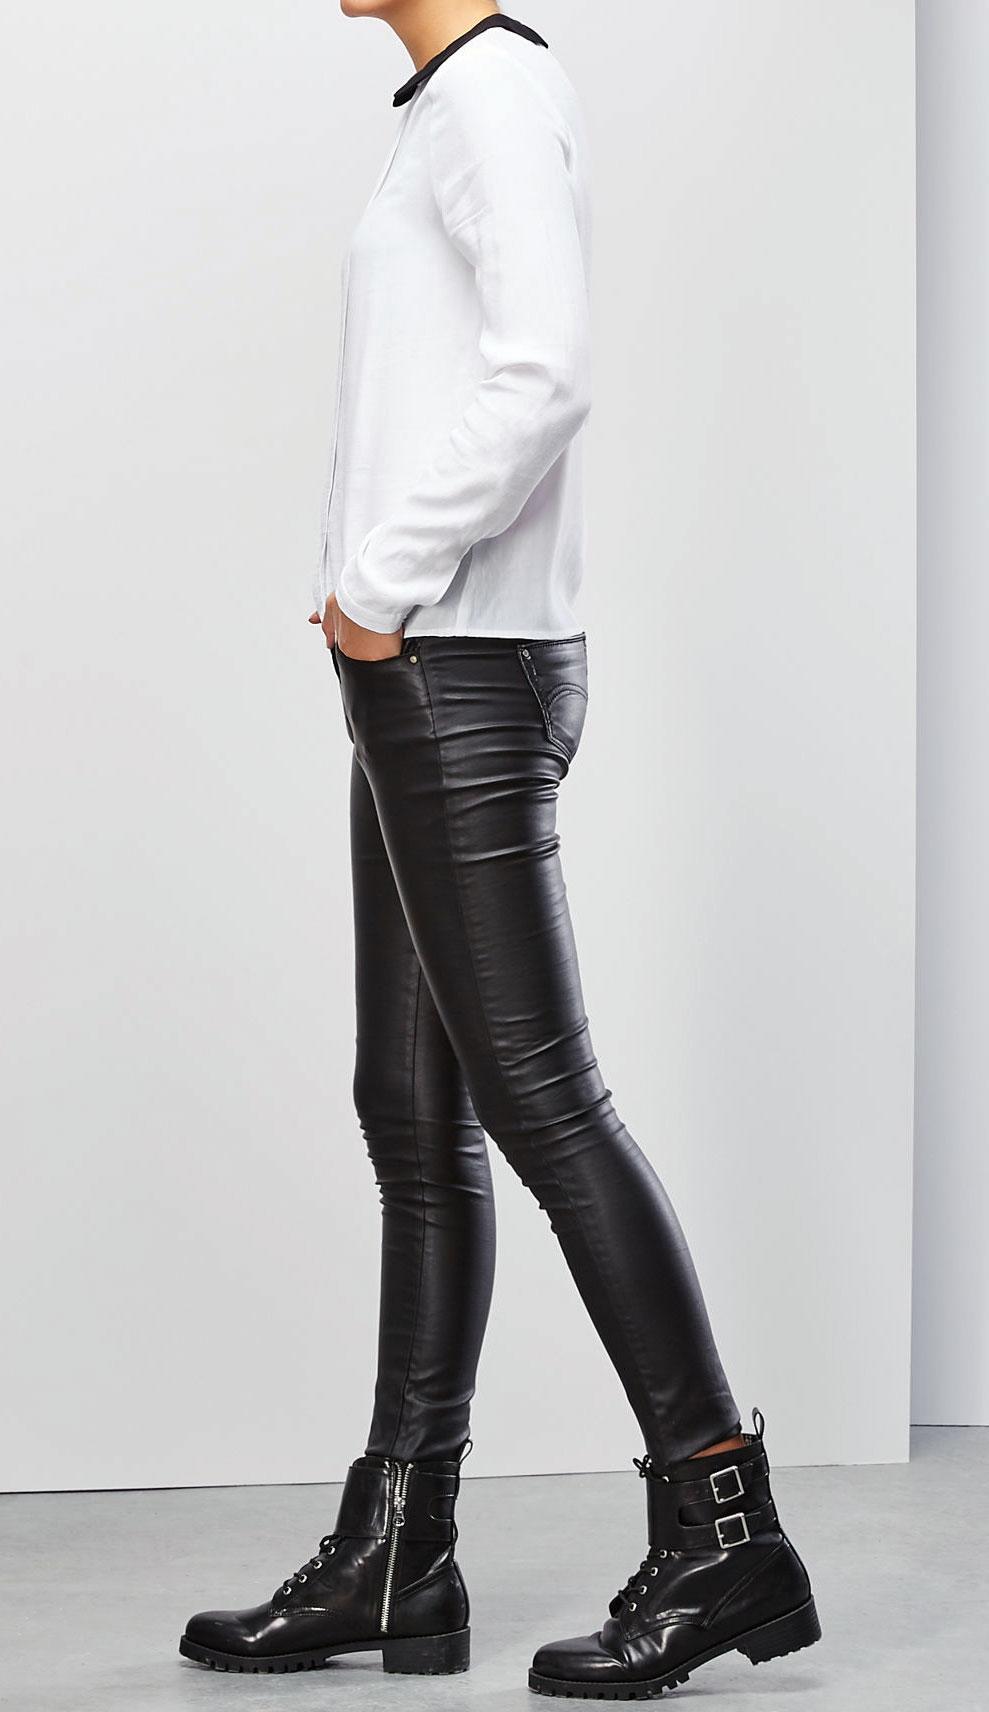 Блузка Moodo, цвет: кремовый, черный. Z-KO-1821. Размер S (44)Z-KO-1821_WHITEСтильная блузка Moodo, выполненная из вискозы, подчеркнет ваш уникальный стиль и поможет создать оригинальный женственный образ. Материал очень легкий, мягкий и приятный на ощупь, не сковывает движения и хорошо вентилируется.Блузка прямого кроя с длинными рукавами и отложным воротником застегивается сзади на пуговицу. Манжеты рукавов также застегиваются на пуговицы. Спереди изделие дополнено планкой по всей длине.Такая блузка будет дарить вам комфорт в течение всего дня и послужит замечательным дополнением к вашему гардеробу.